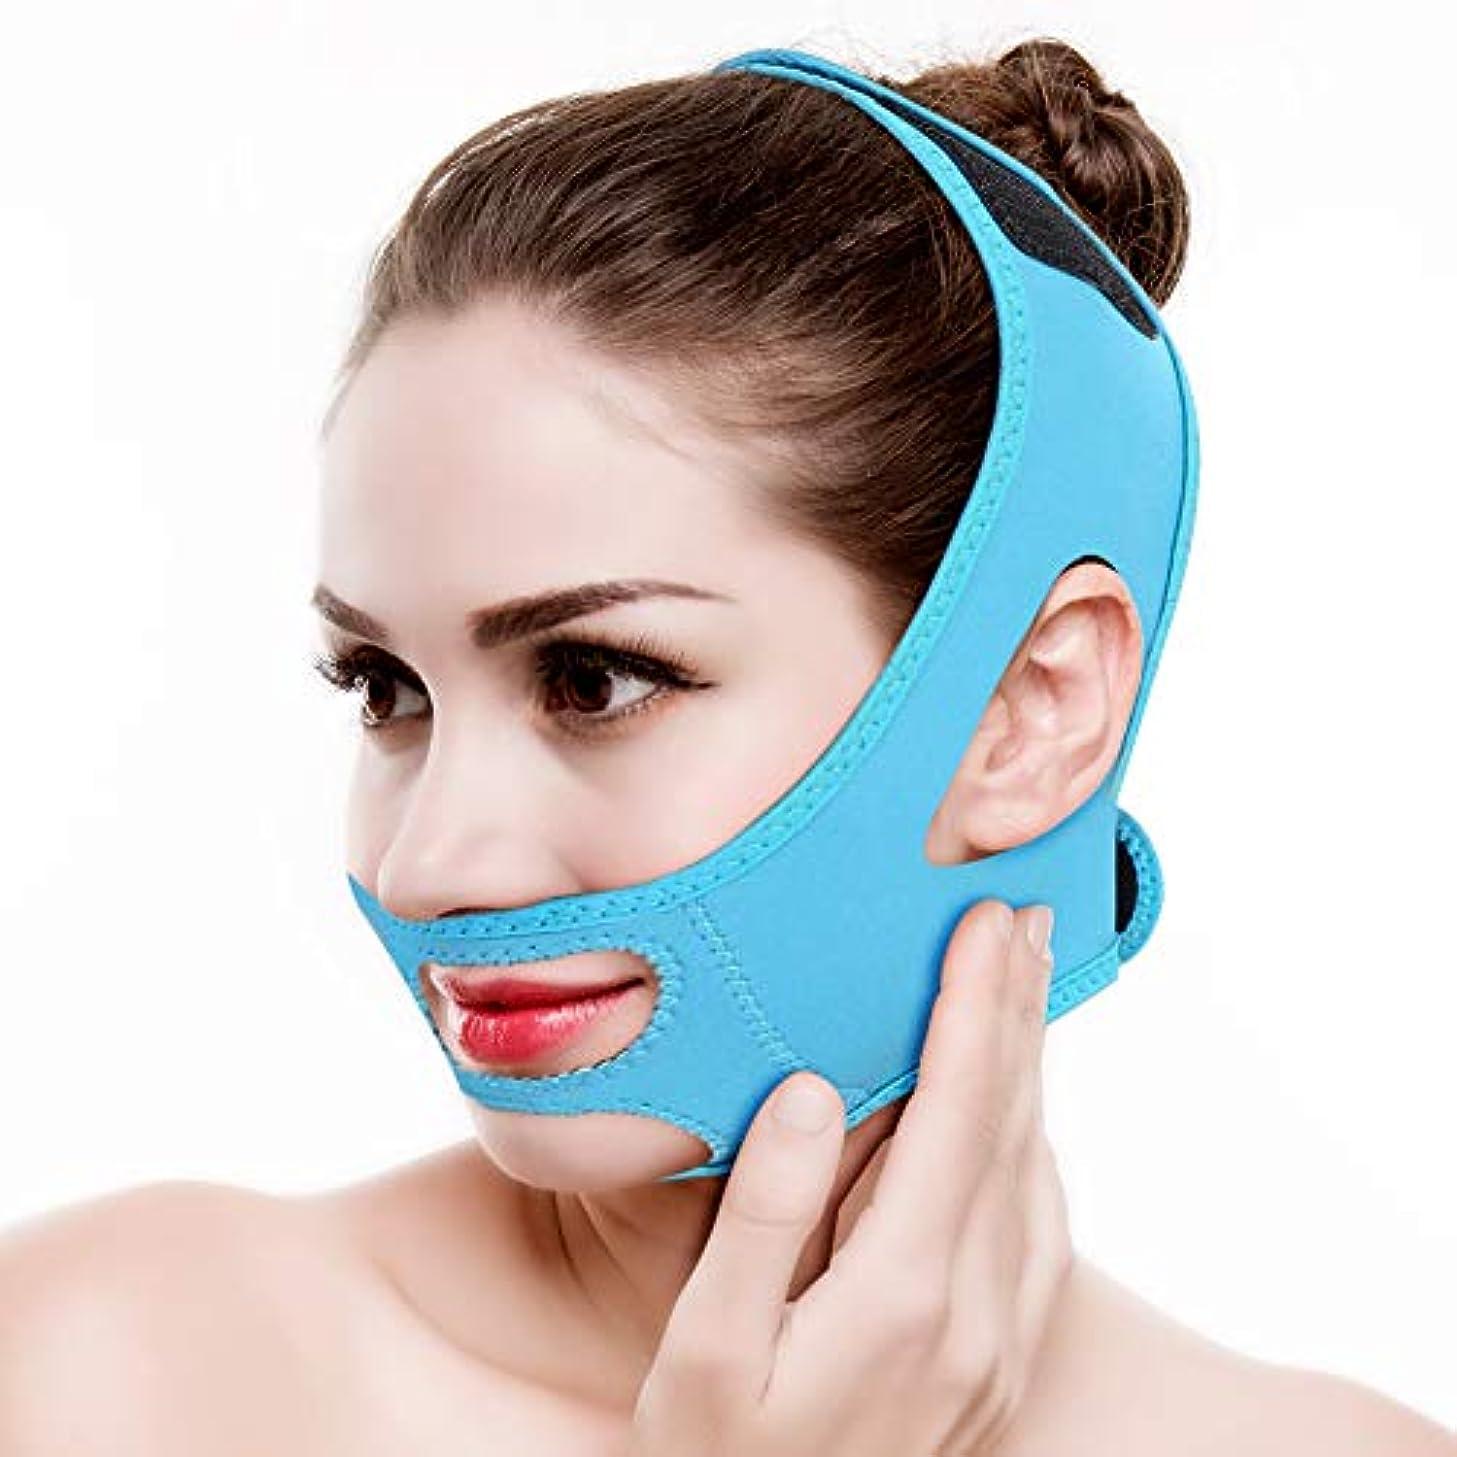 視聴者組株式会社フェイスリフティングベルト,顔の痩身包帯フェイシャルスリミング包帯ベルトマスクフェイスリフトダブルチンスキンストラップフェイススリミング包帯小 顔 美顔 矯正、顎リフト フェイススリミングマスク (Blue)